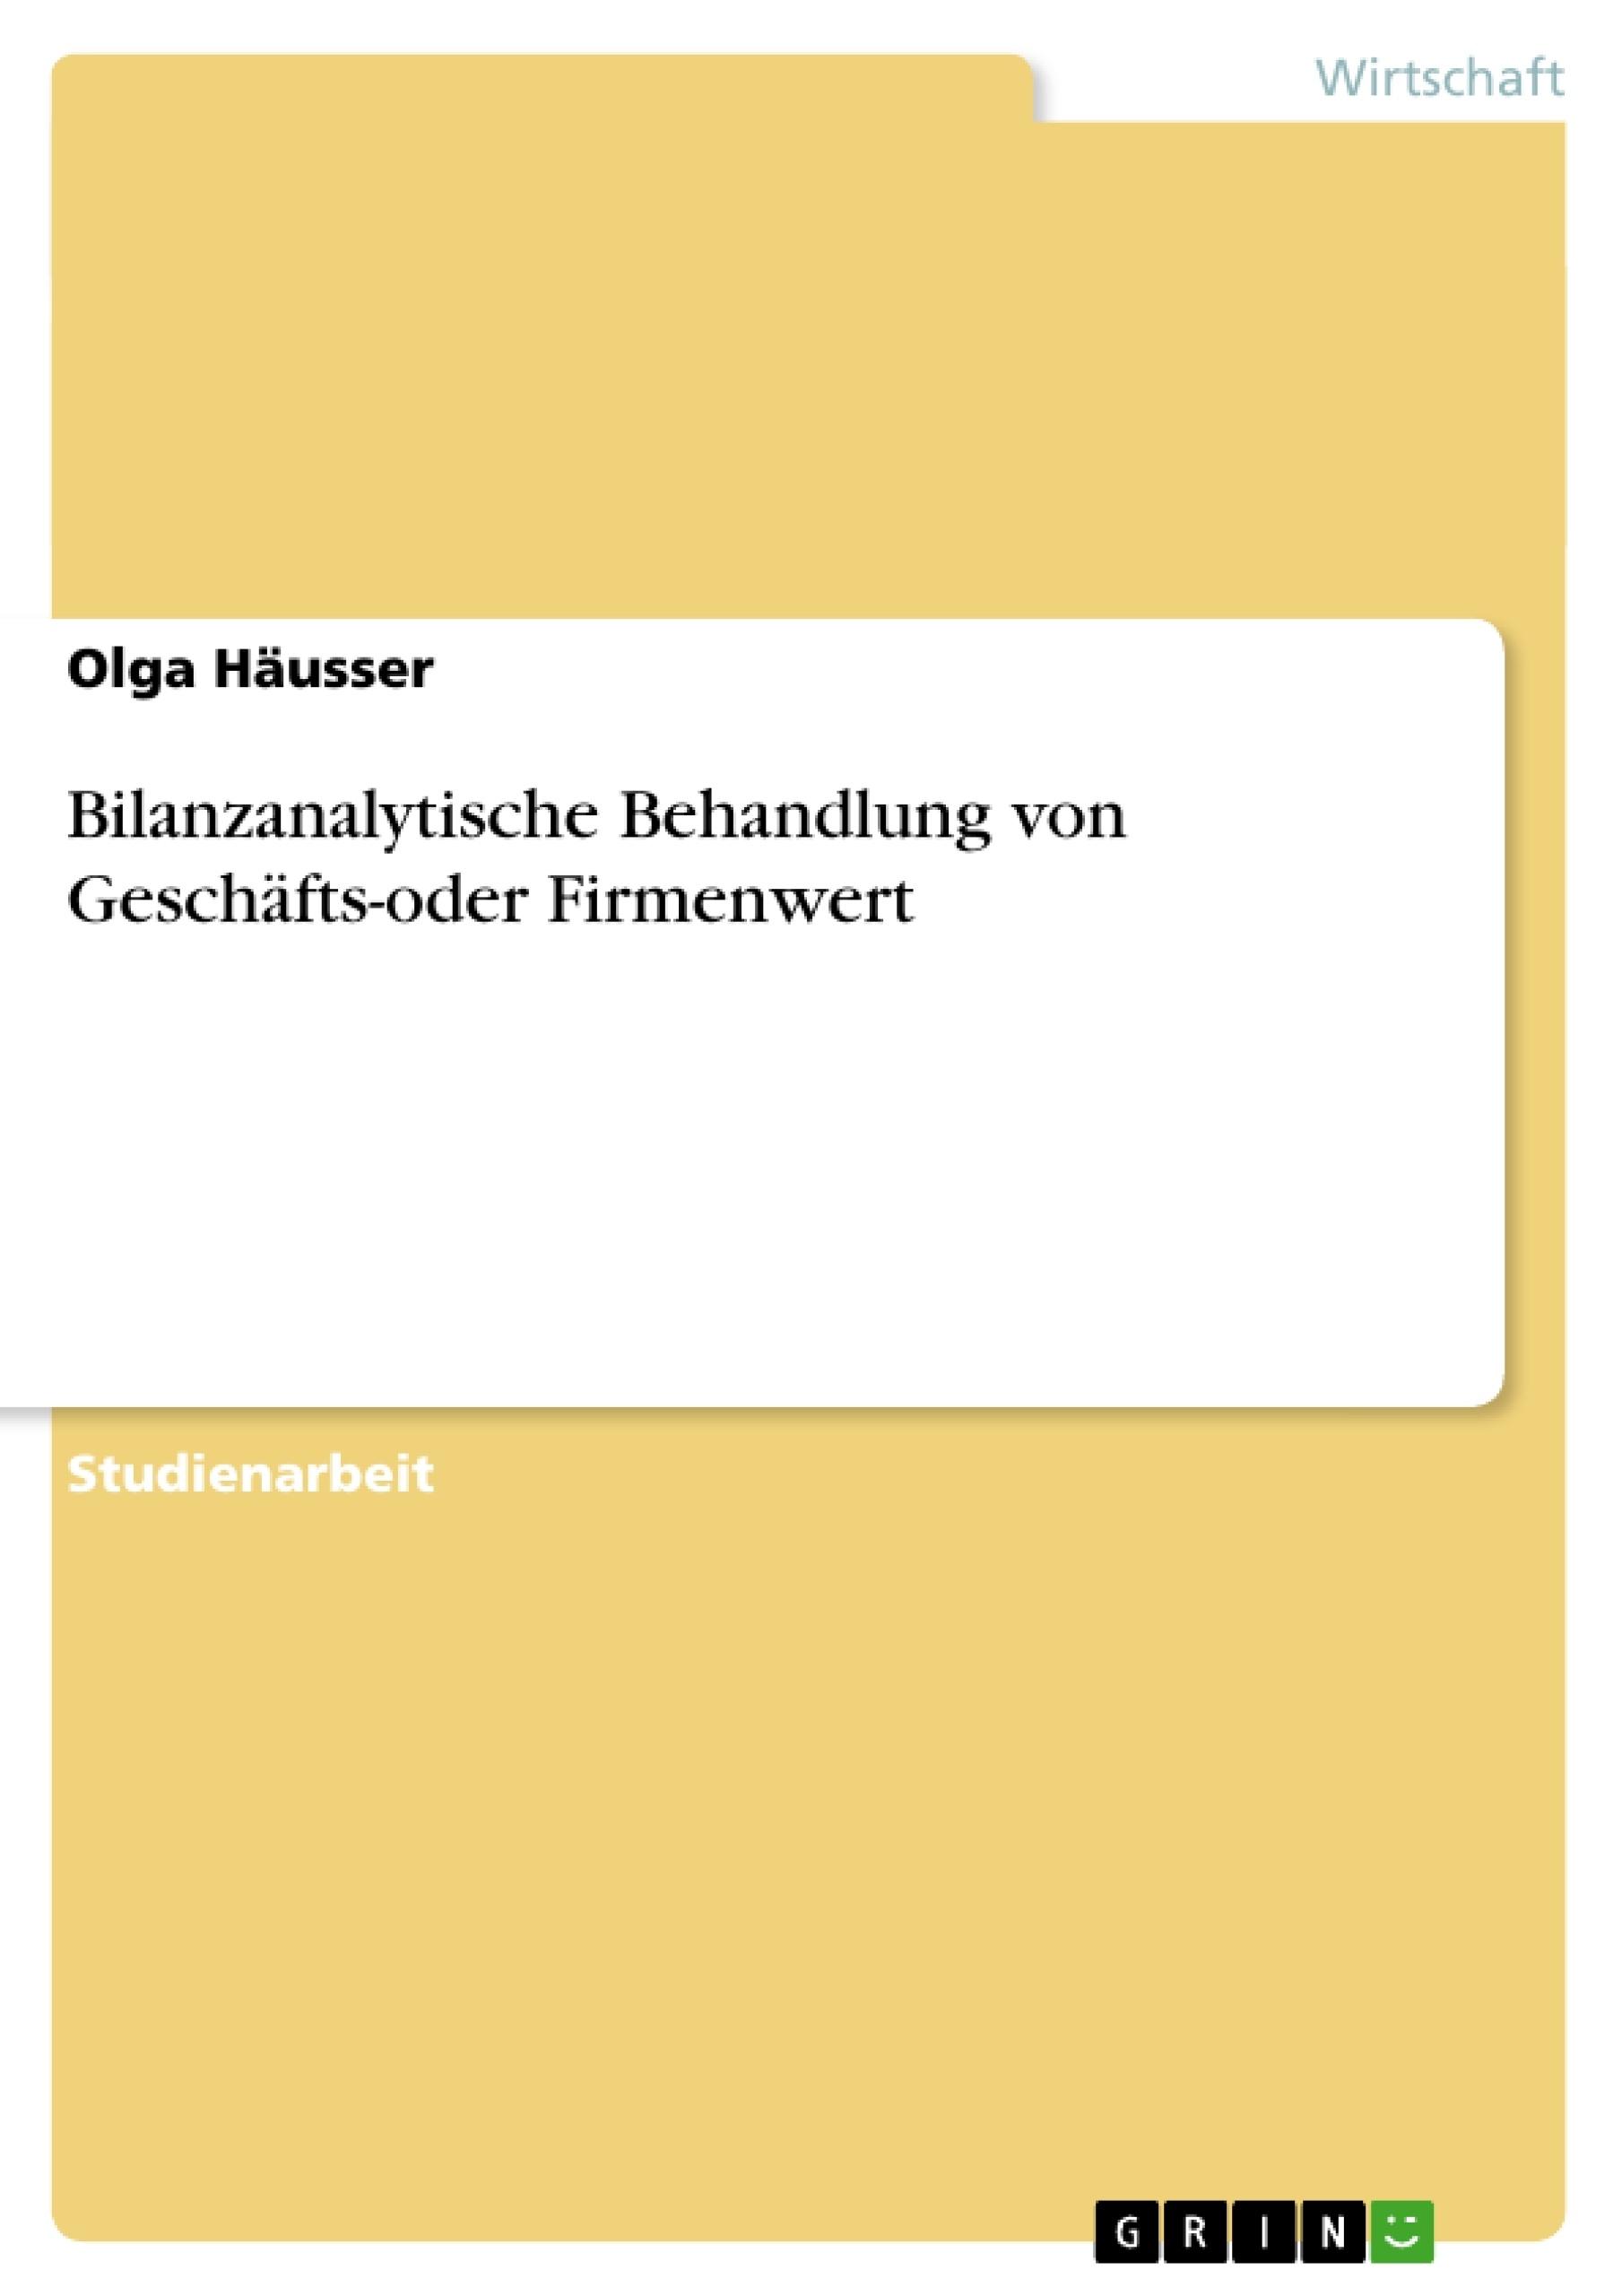 Titel: Bilanzanalytische Behandlung von Geschäfts-oder Firmenwert